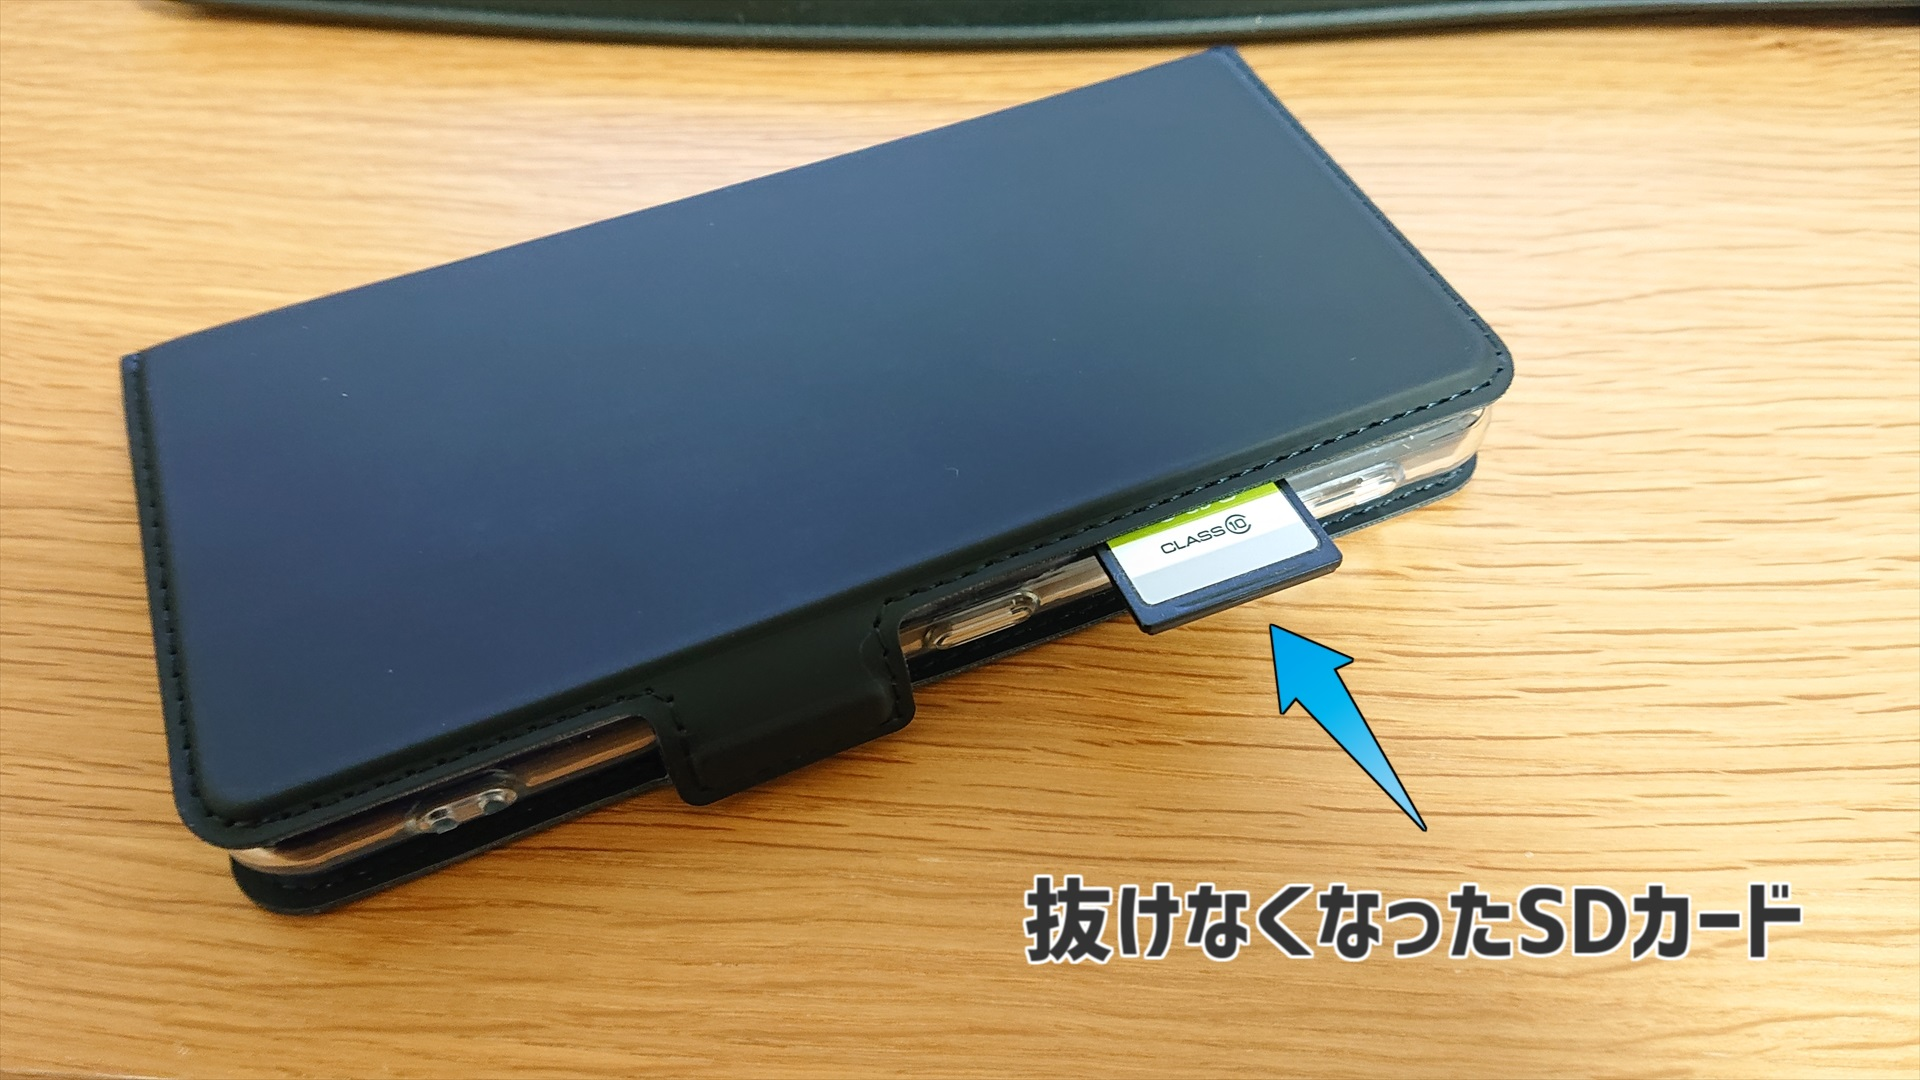 写真はスマホのケースにSDカードを挟んだ状態です。これが抜けなくなった状態だと仮定します。